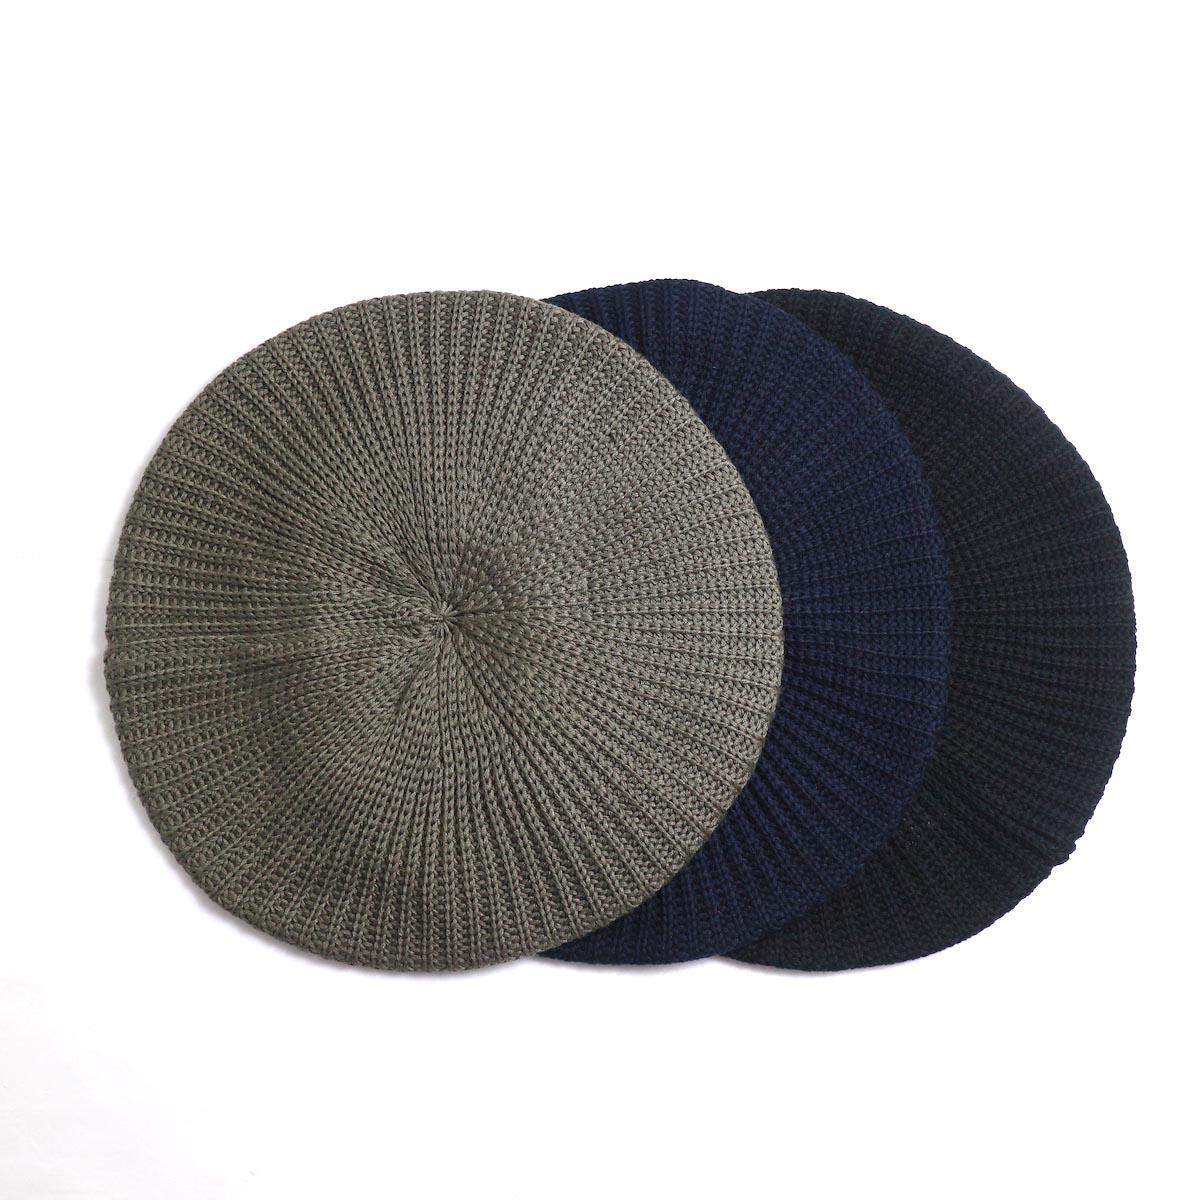 LEUCHTFEUER / BIG HOOGE -Cotton×Acrylic